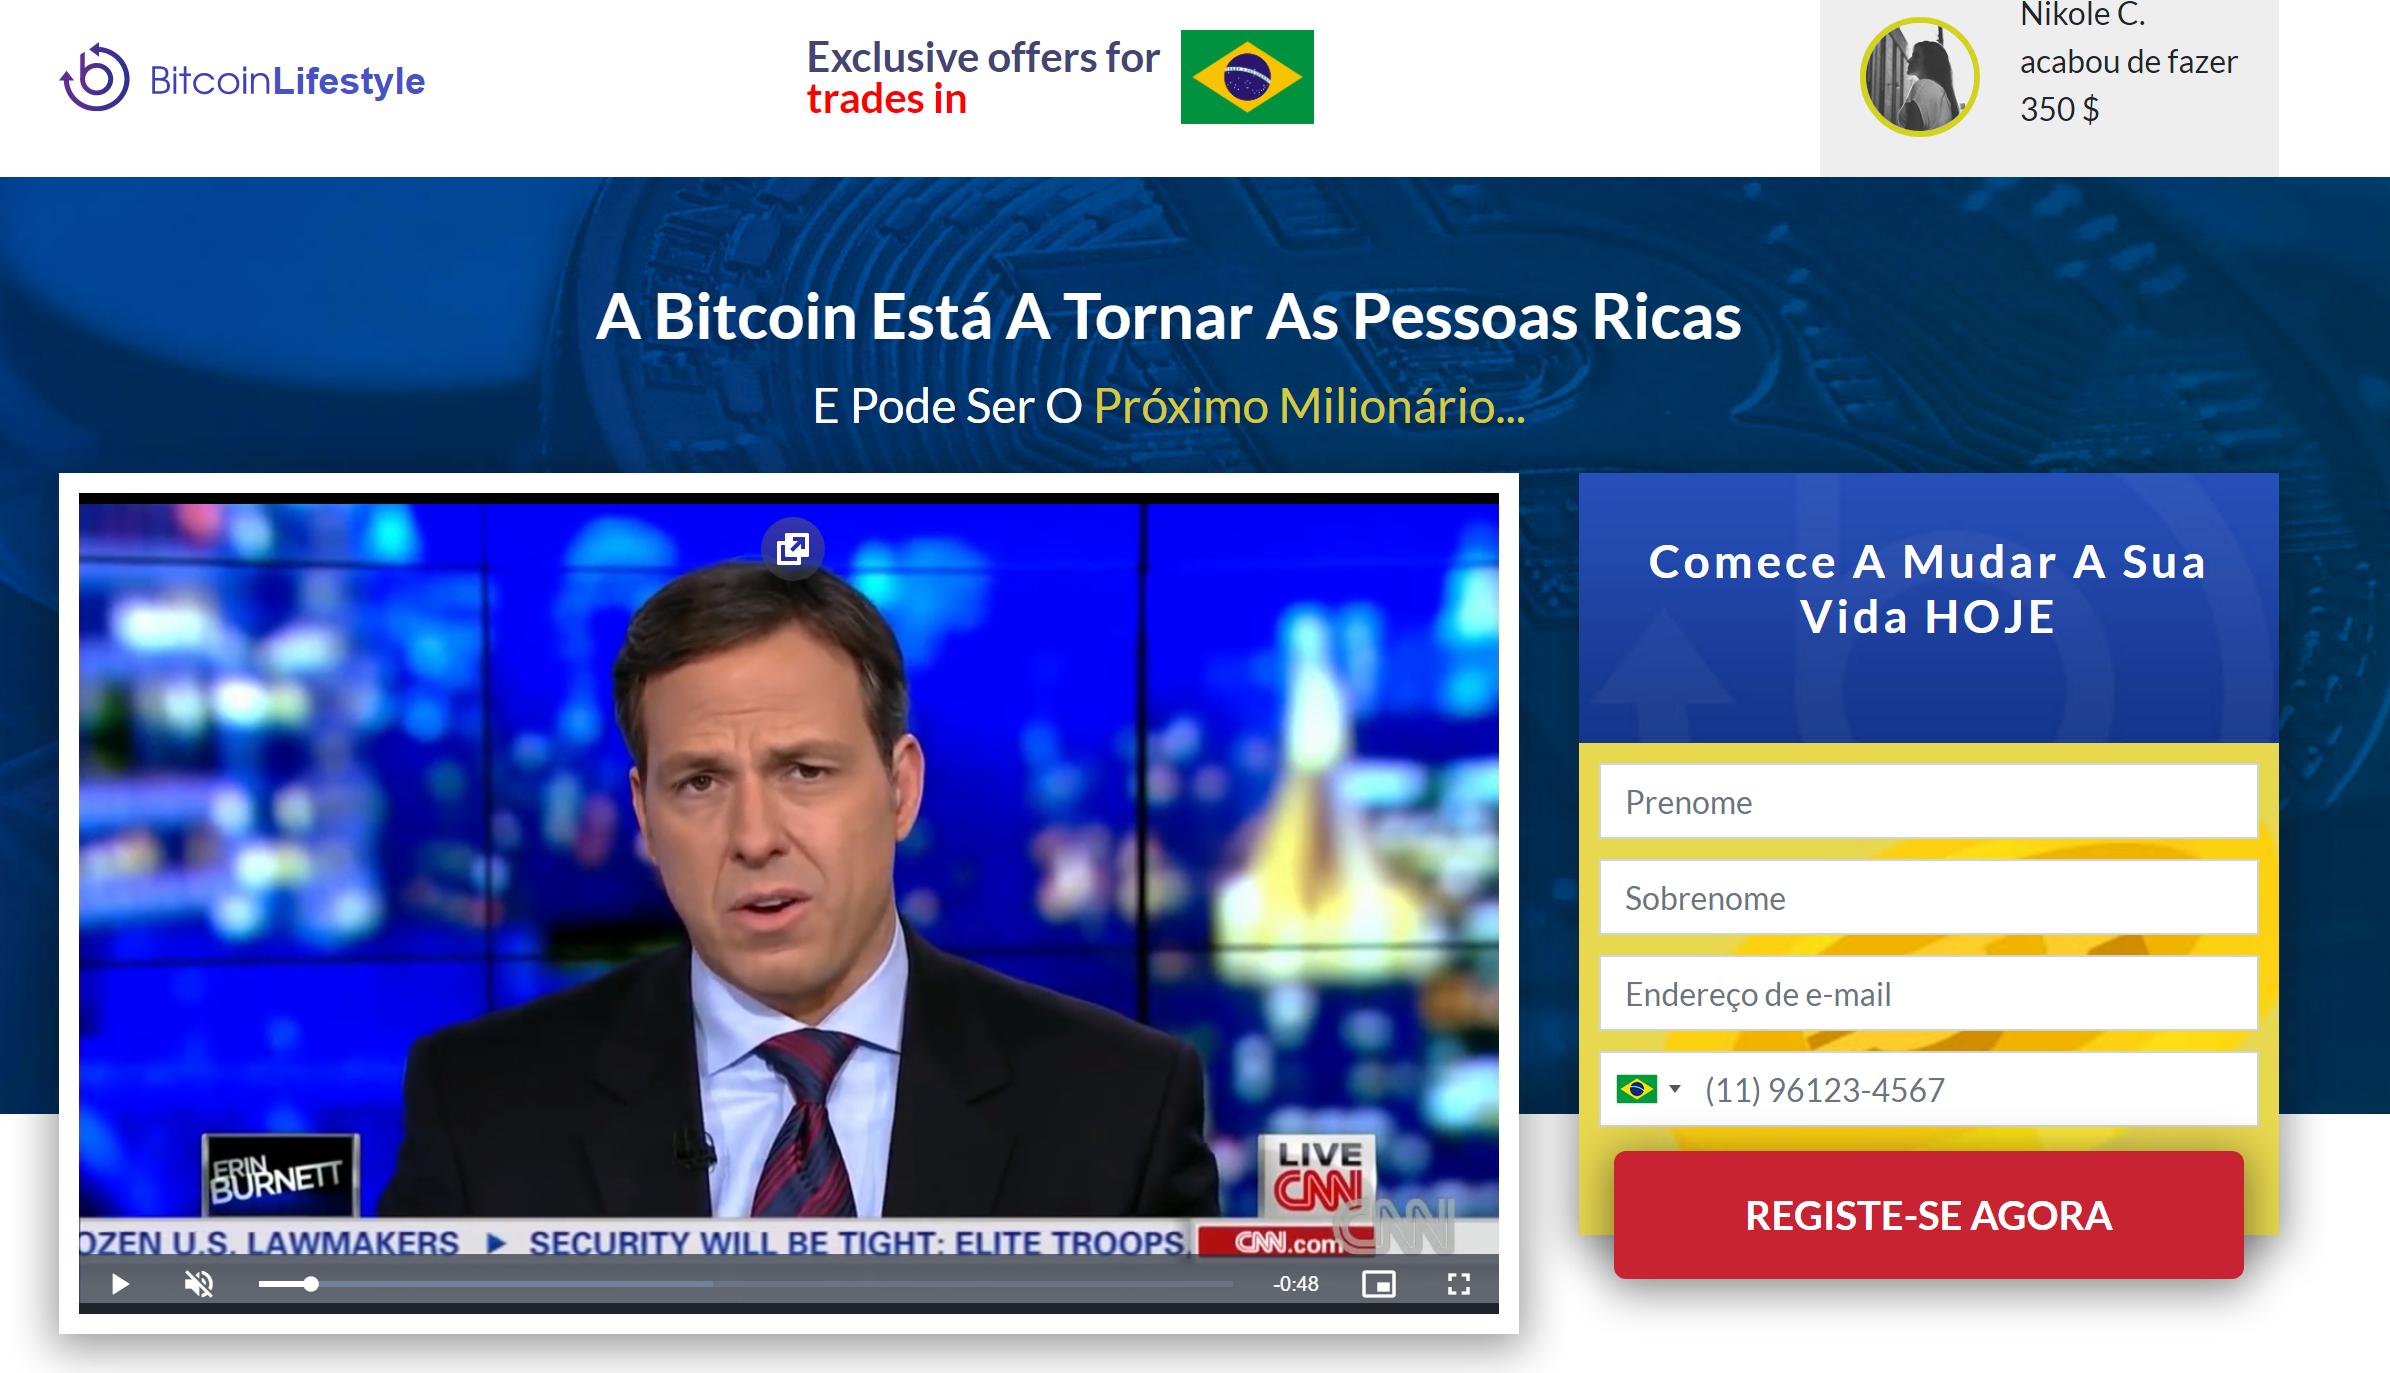 ar galiu prekiauti bitkoinais pakankamai greitai kad galiau pasipelnyti opcionų prekyba indijoje pamoka